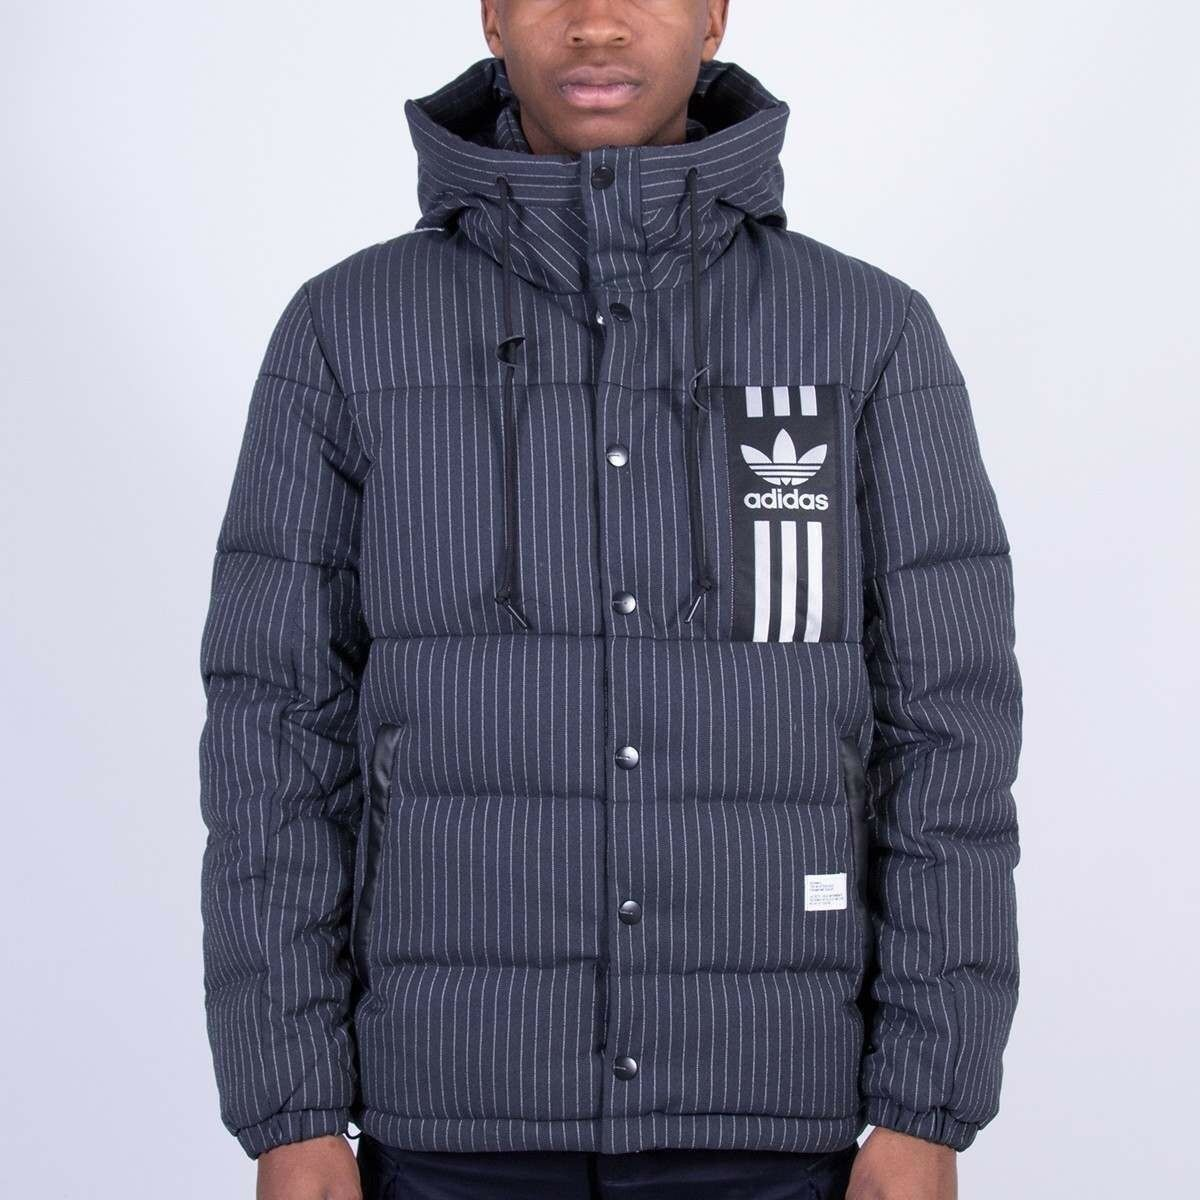 Adidas Originals x Bedwin & Der scharfe Stecher id96 Daunenjacke S